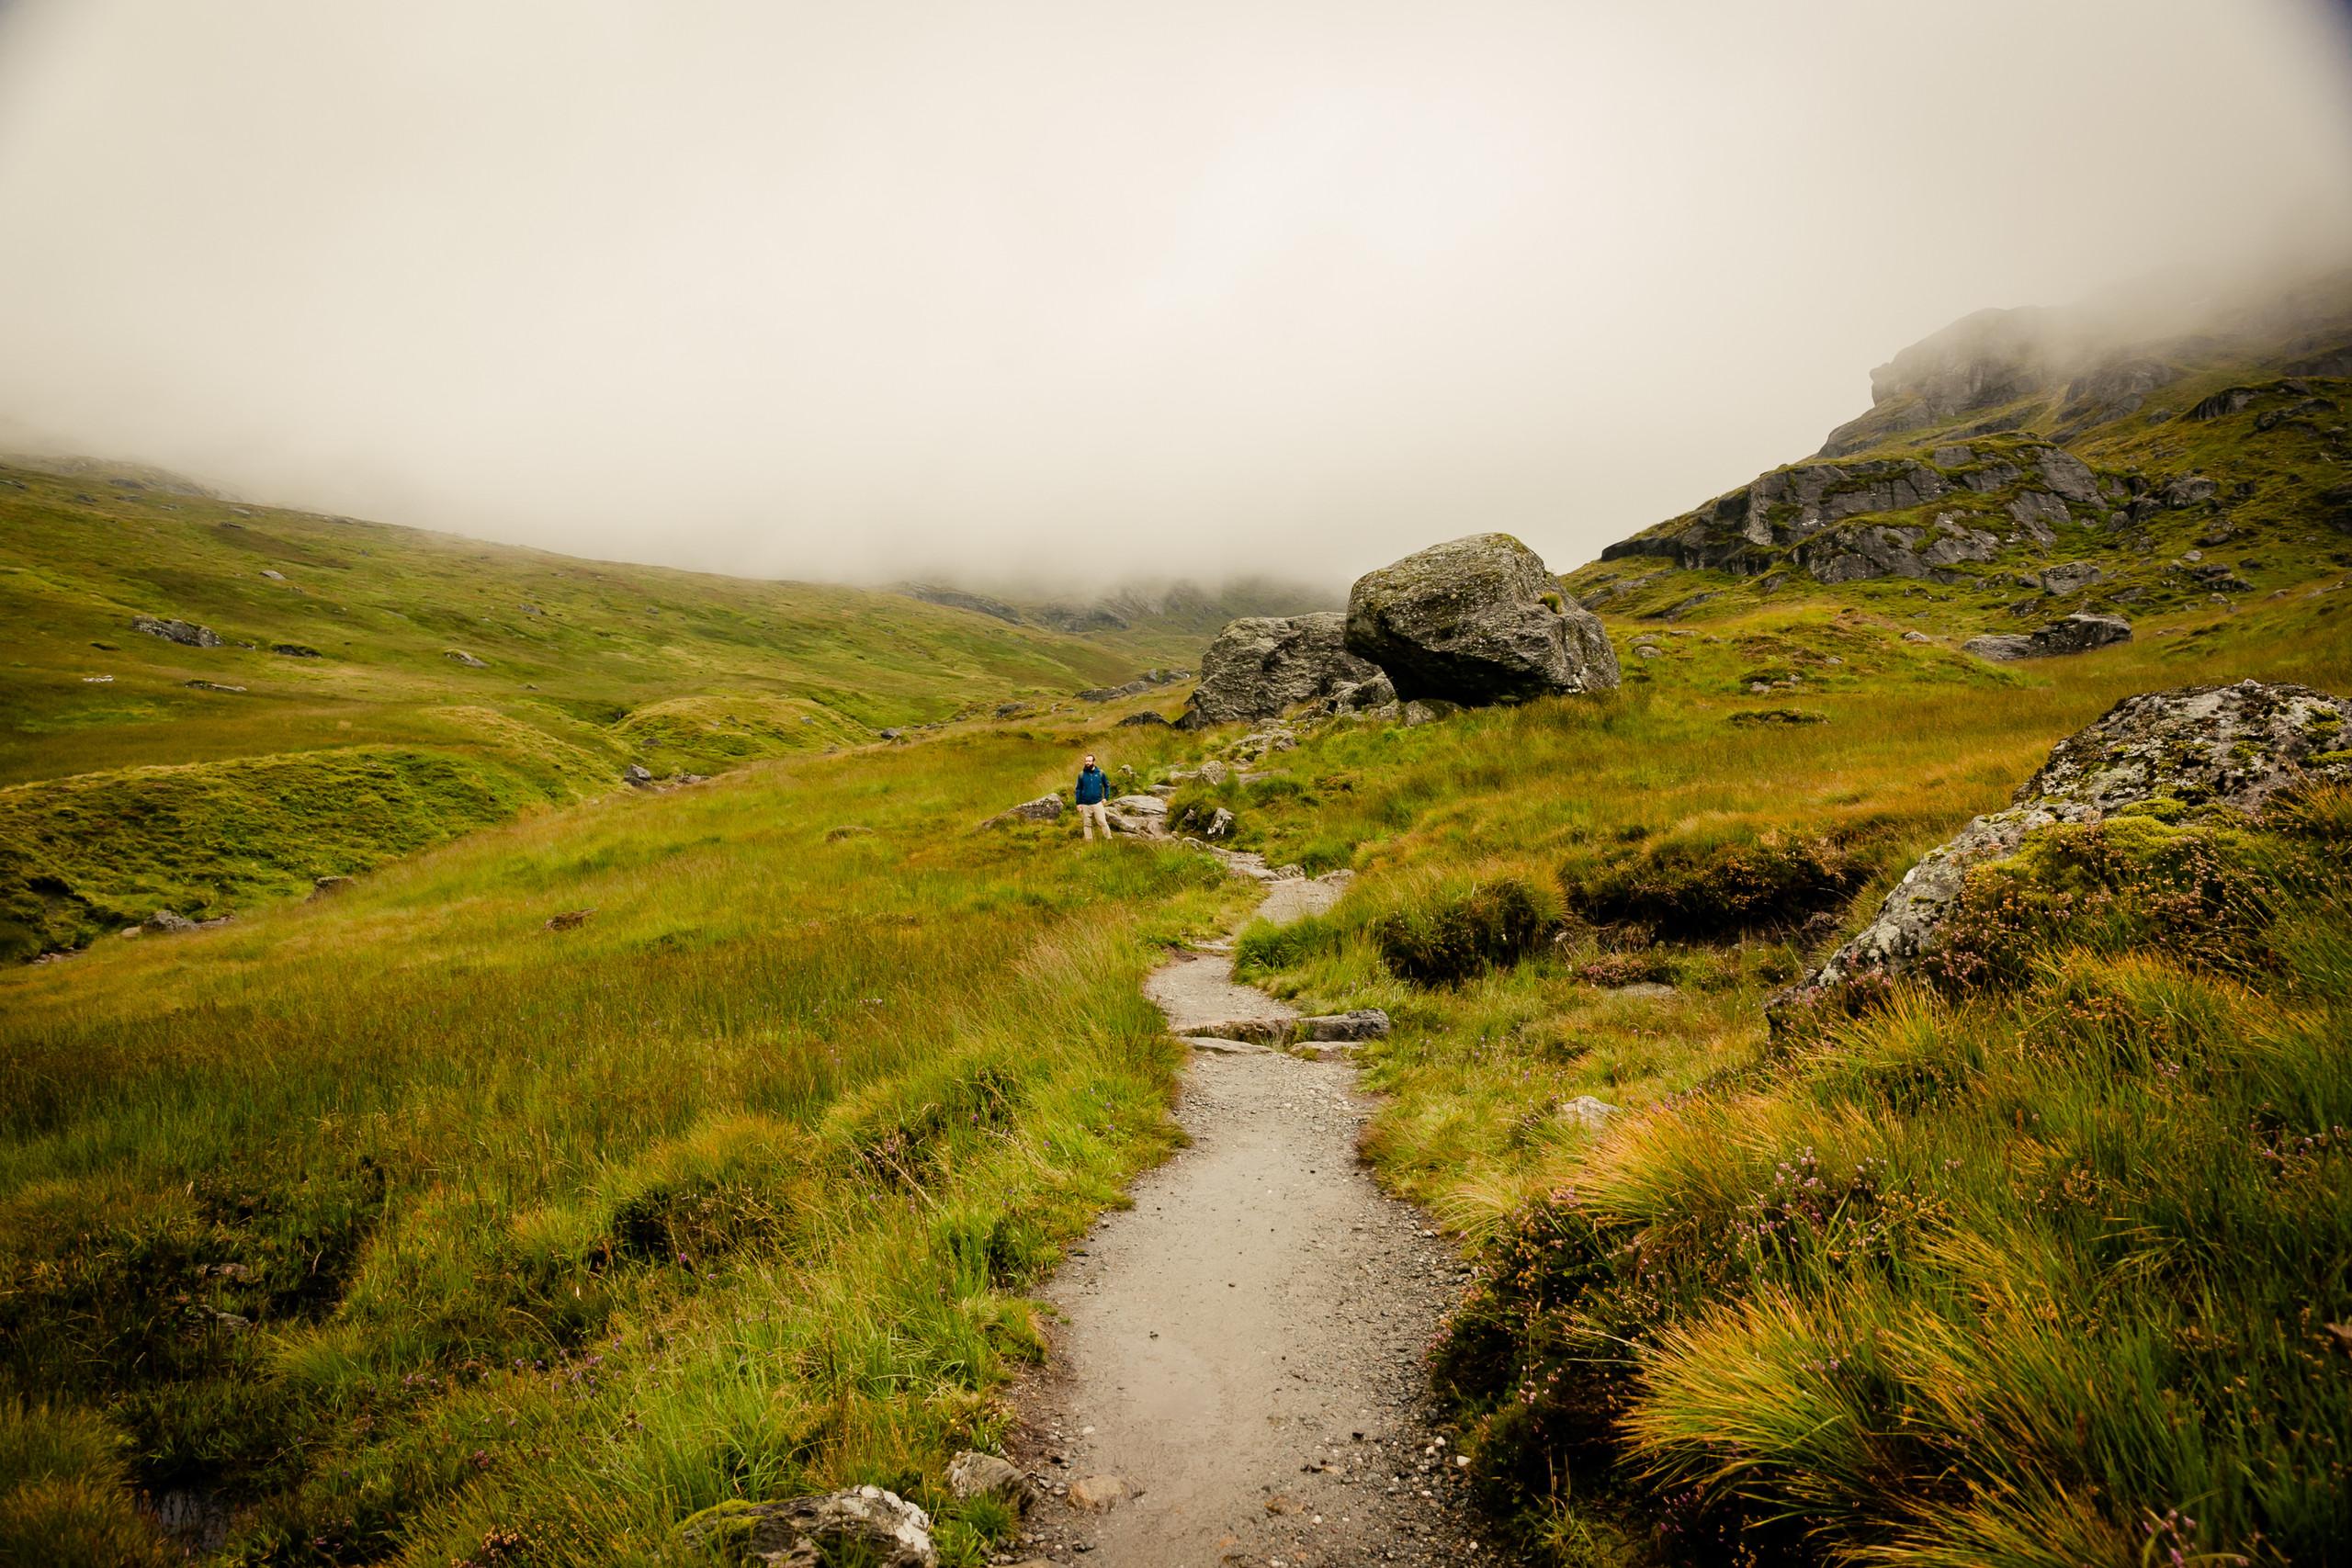 Scottish Highlands. Scotland, landscapes, hiking